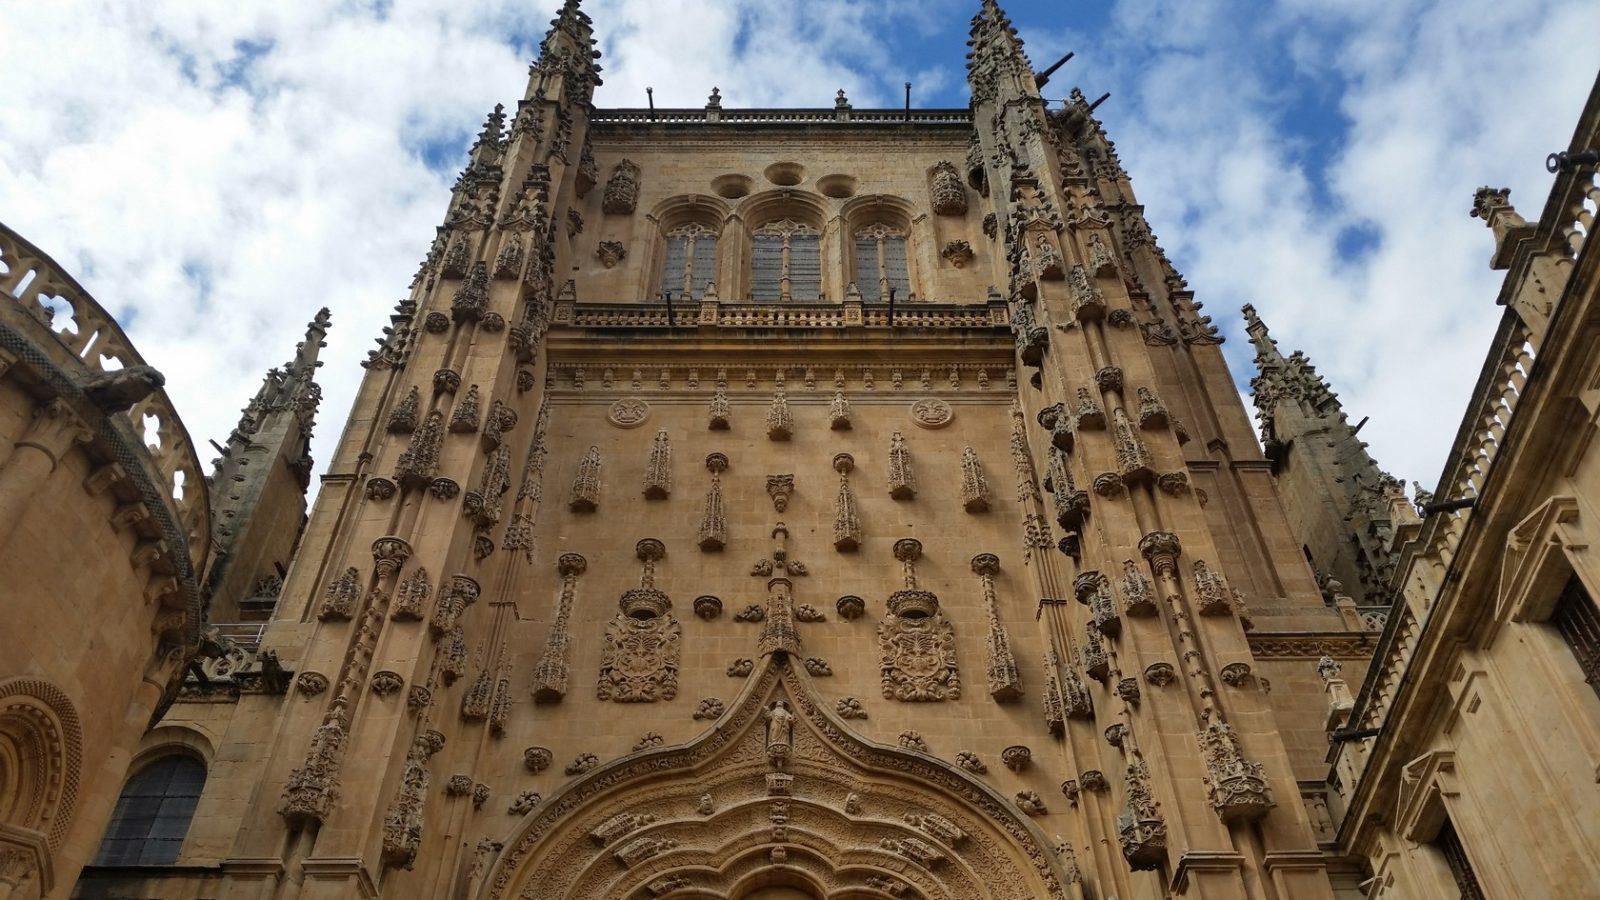 Визит с гидом в кафедральный собор Саламанки